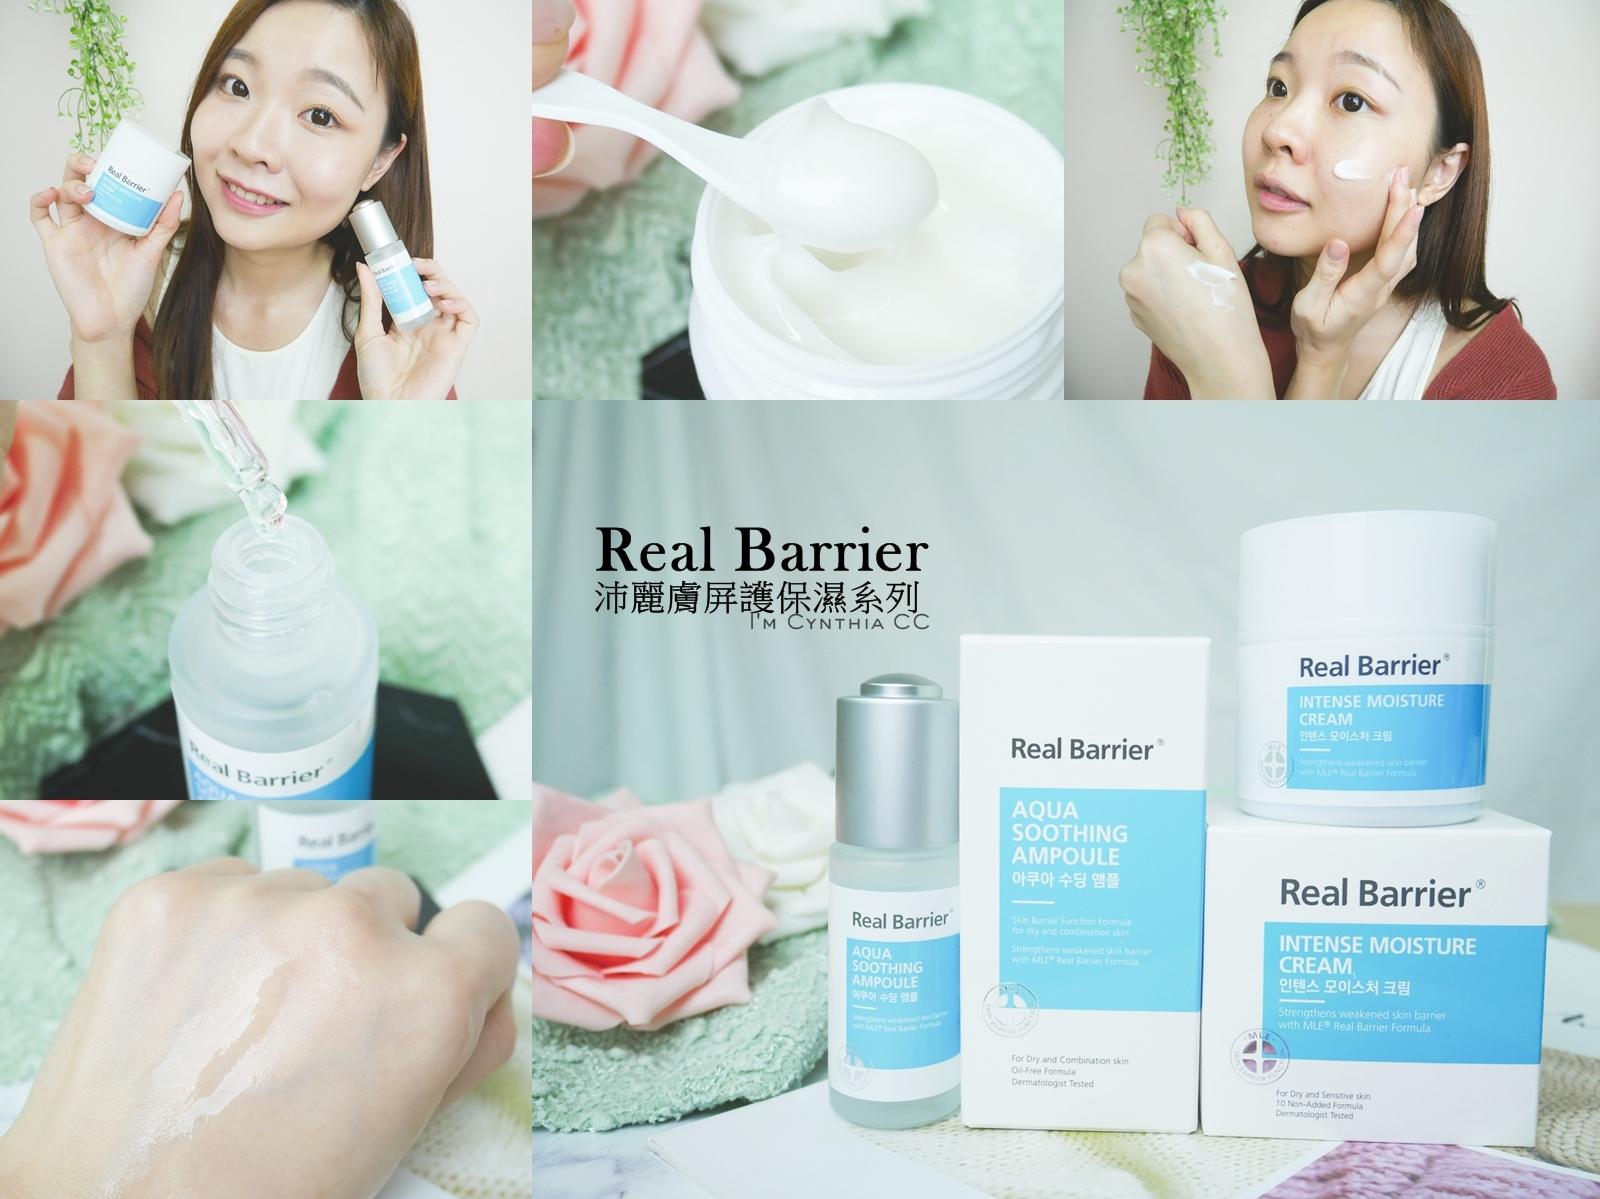 韓國保養品沛麗膚Real Barrier屏護保濕系列-屏護保濕濃縮精華&屏護保濕潤澤水凝霜